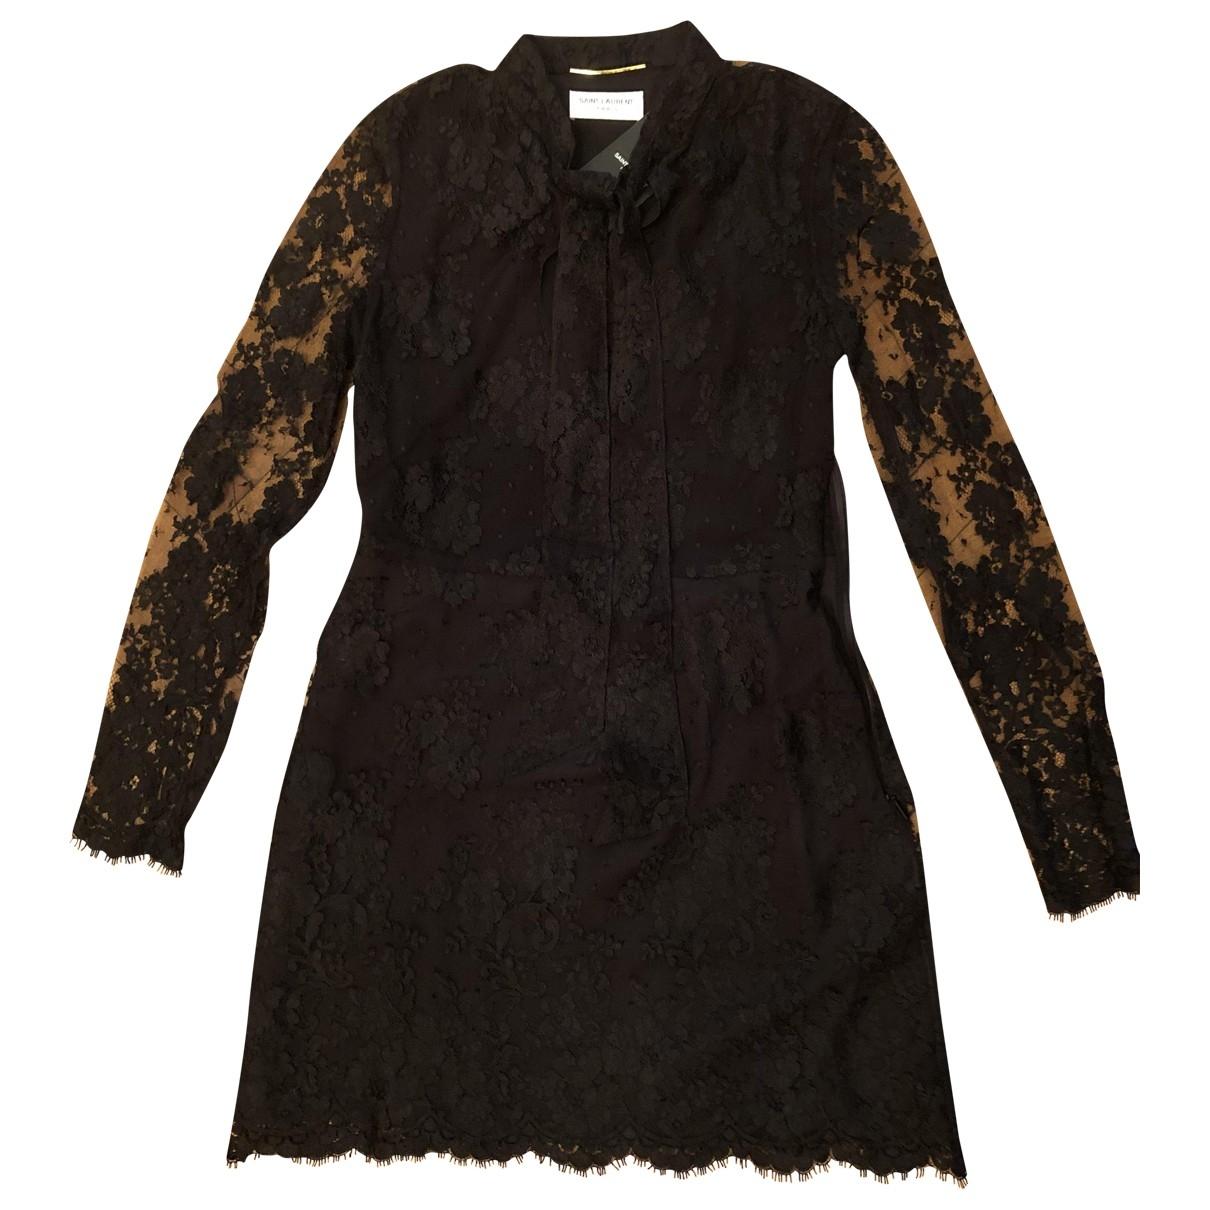 Yves Saint Laurent \N Black Lace dress for Women 36 FR